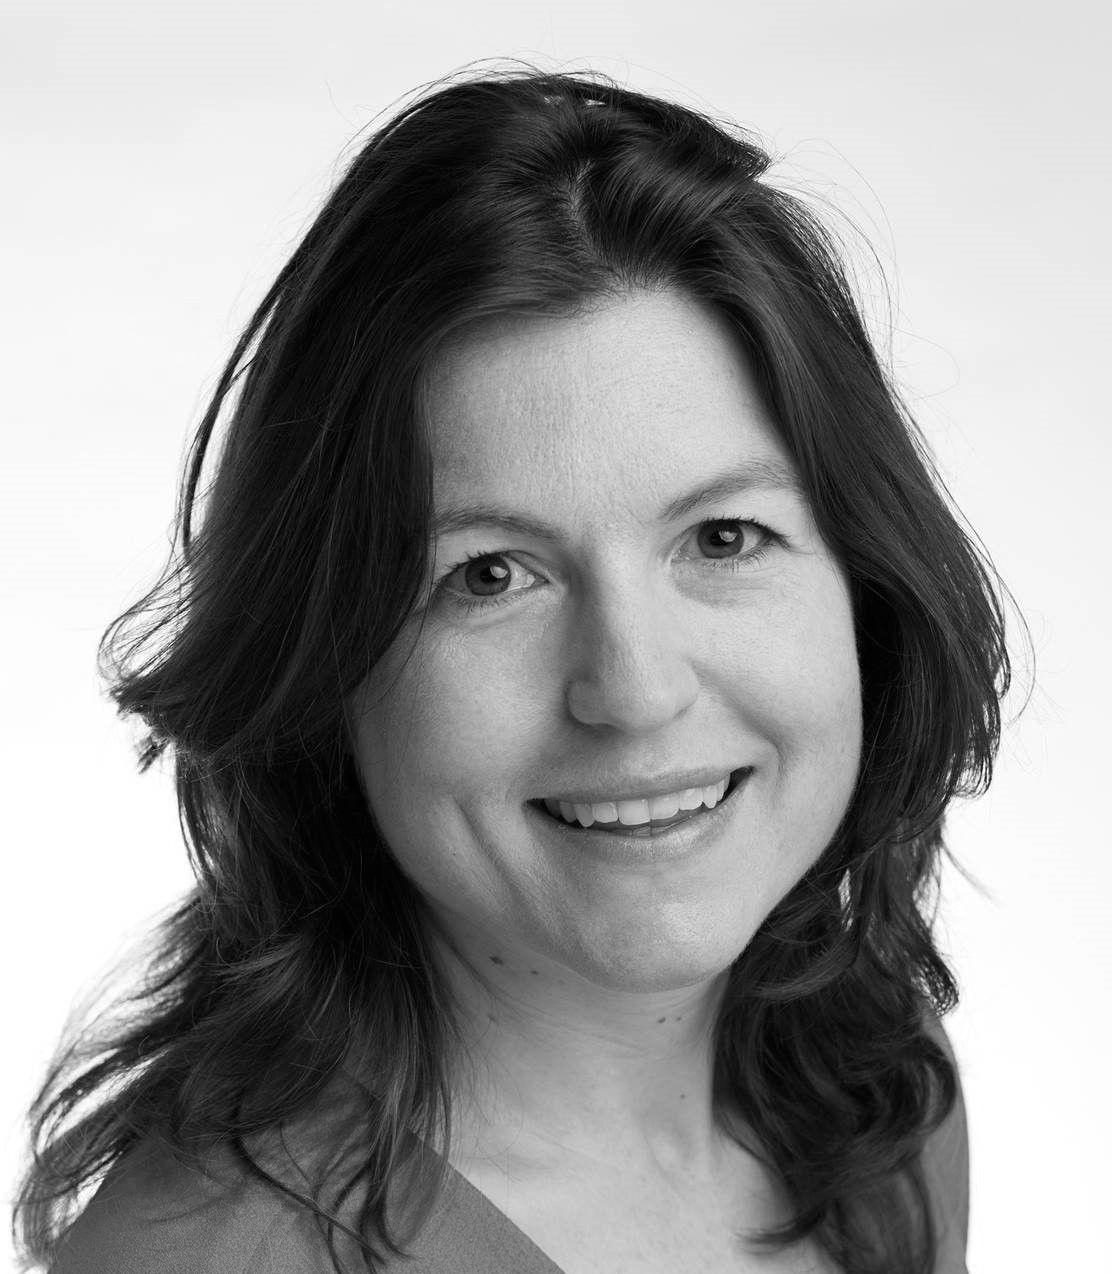 Karen Jelgerhuis Swildens